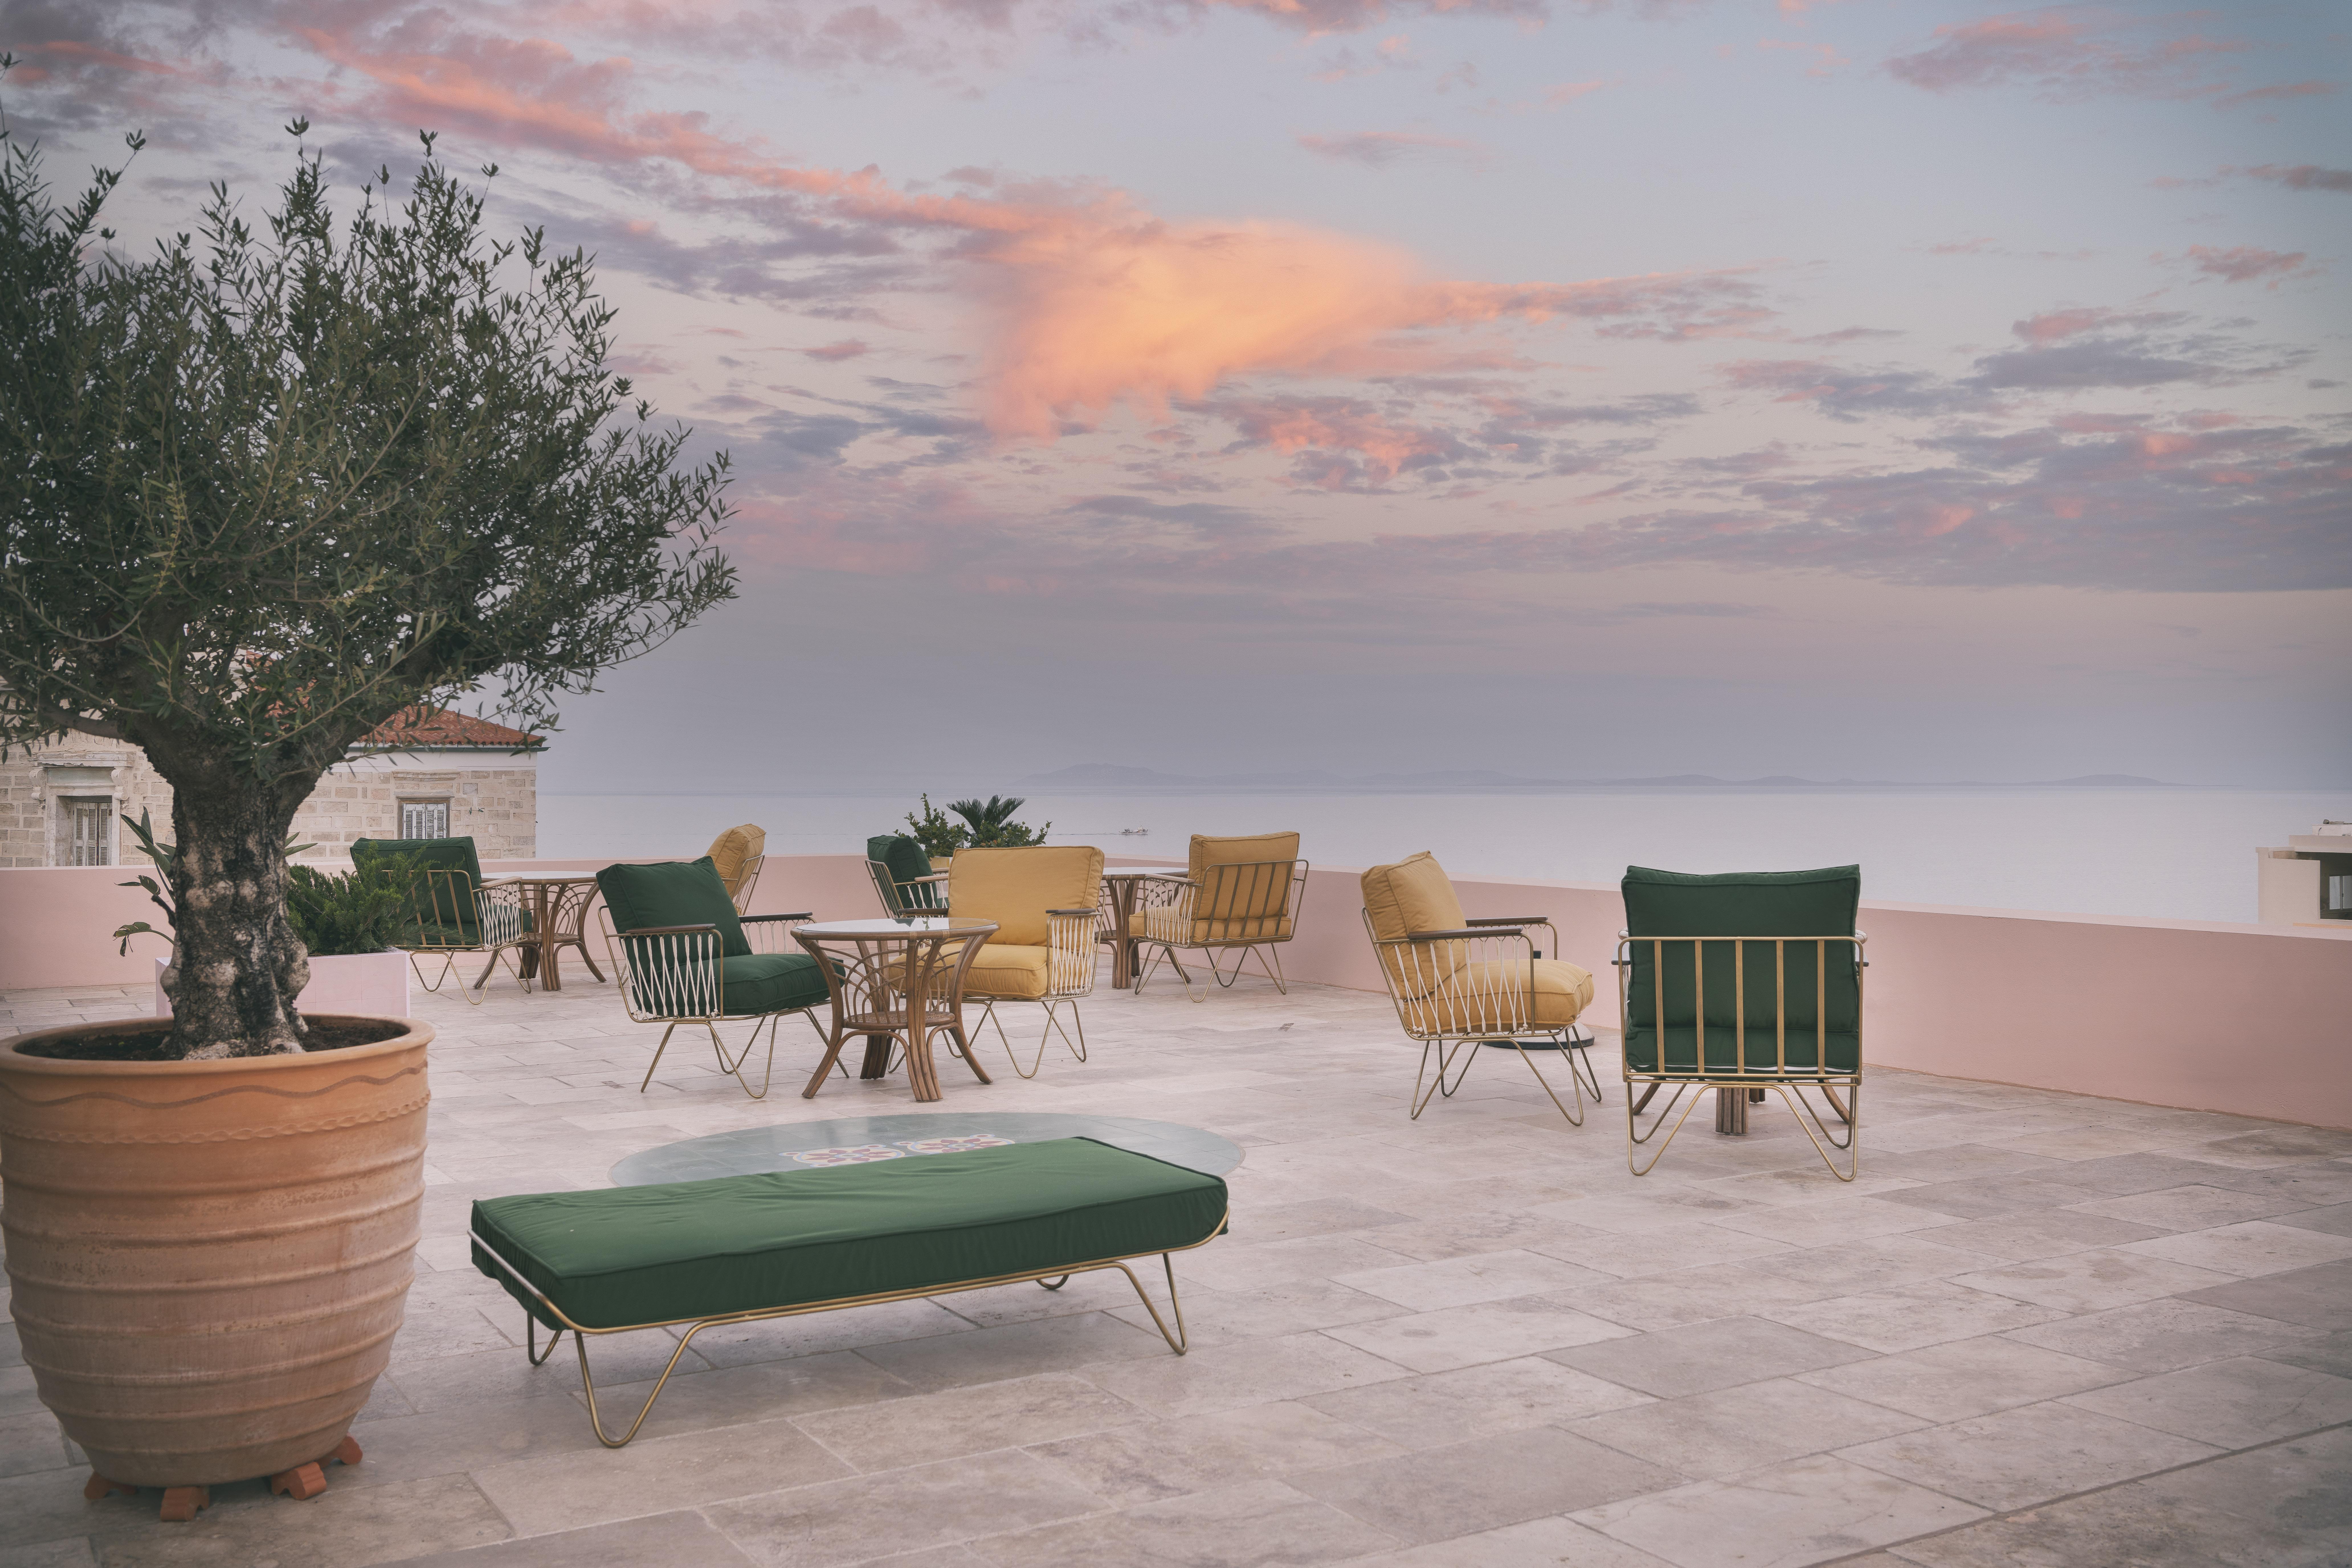 Aristide Hotel: Αυτό το αρχοντικό στην Ερμούπολη είναι το Αυγουστιάτικο καταφυγιό μας Φέτος έχουμε ανάγκη πιο πολύ από ποτέ να απομονωθούμε σε φρούρια όπου φυλάσσεται ο ορισμός του ιδανικού καλοκαιριού. Αυτό το ξενοδοχείο άνοιξε μόλις τις πόρτες του και αποτελεί την πιο ενδιαφέρουσα επιλογή στην πρωτεύσουσα των Κυκλάδων.